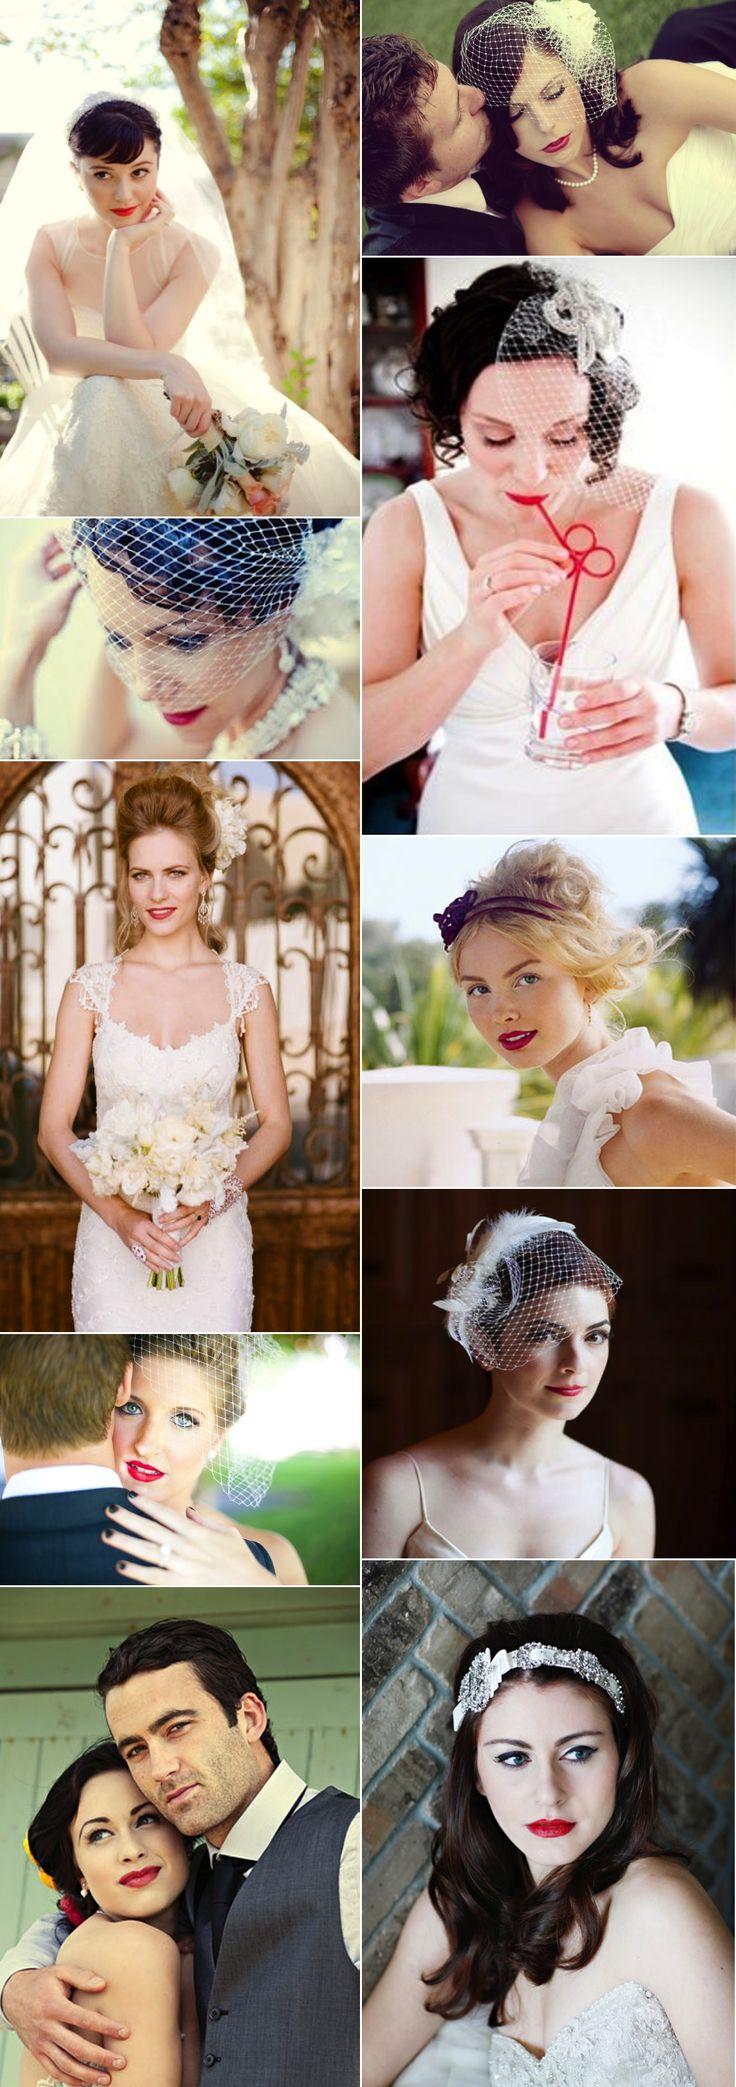 Diferentes estilos de novias y todas con labios rojos.                                                                                                                                                     Más